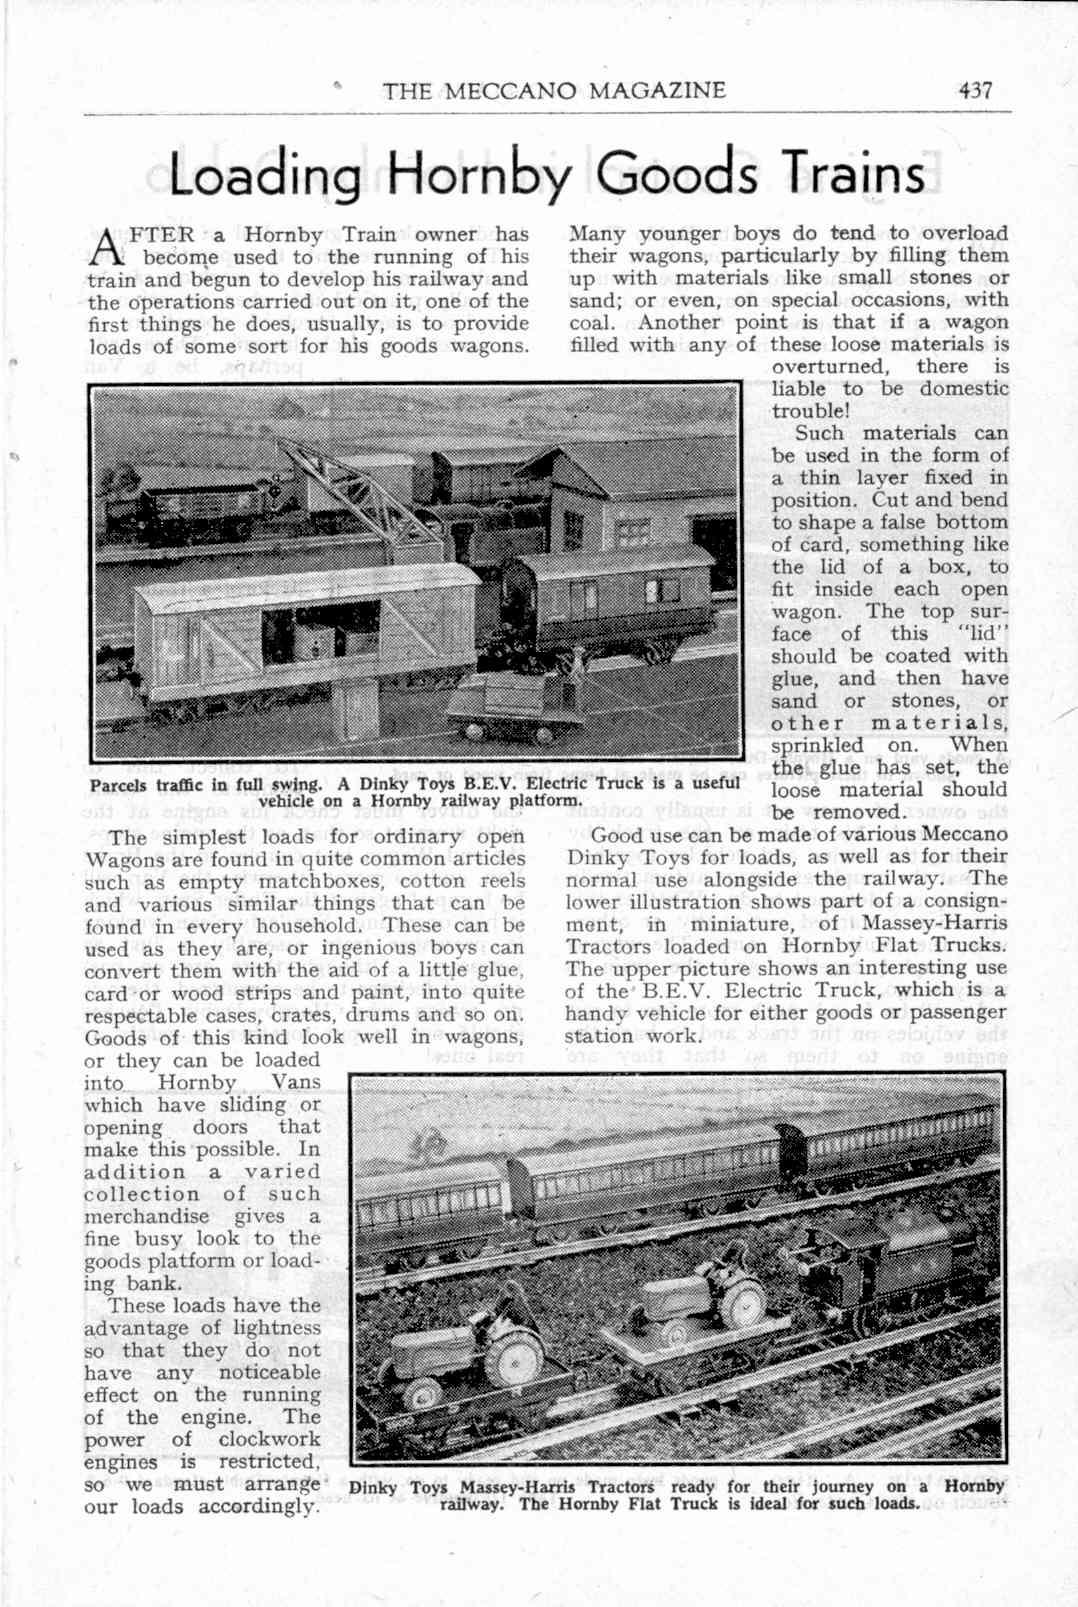 UK Meccano Magazine November 1949 Page 437